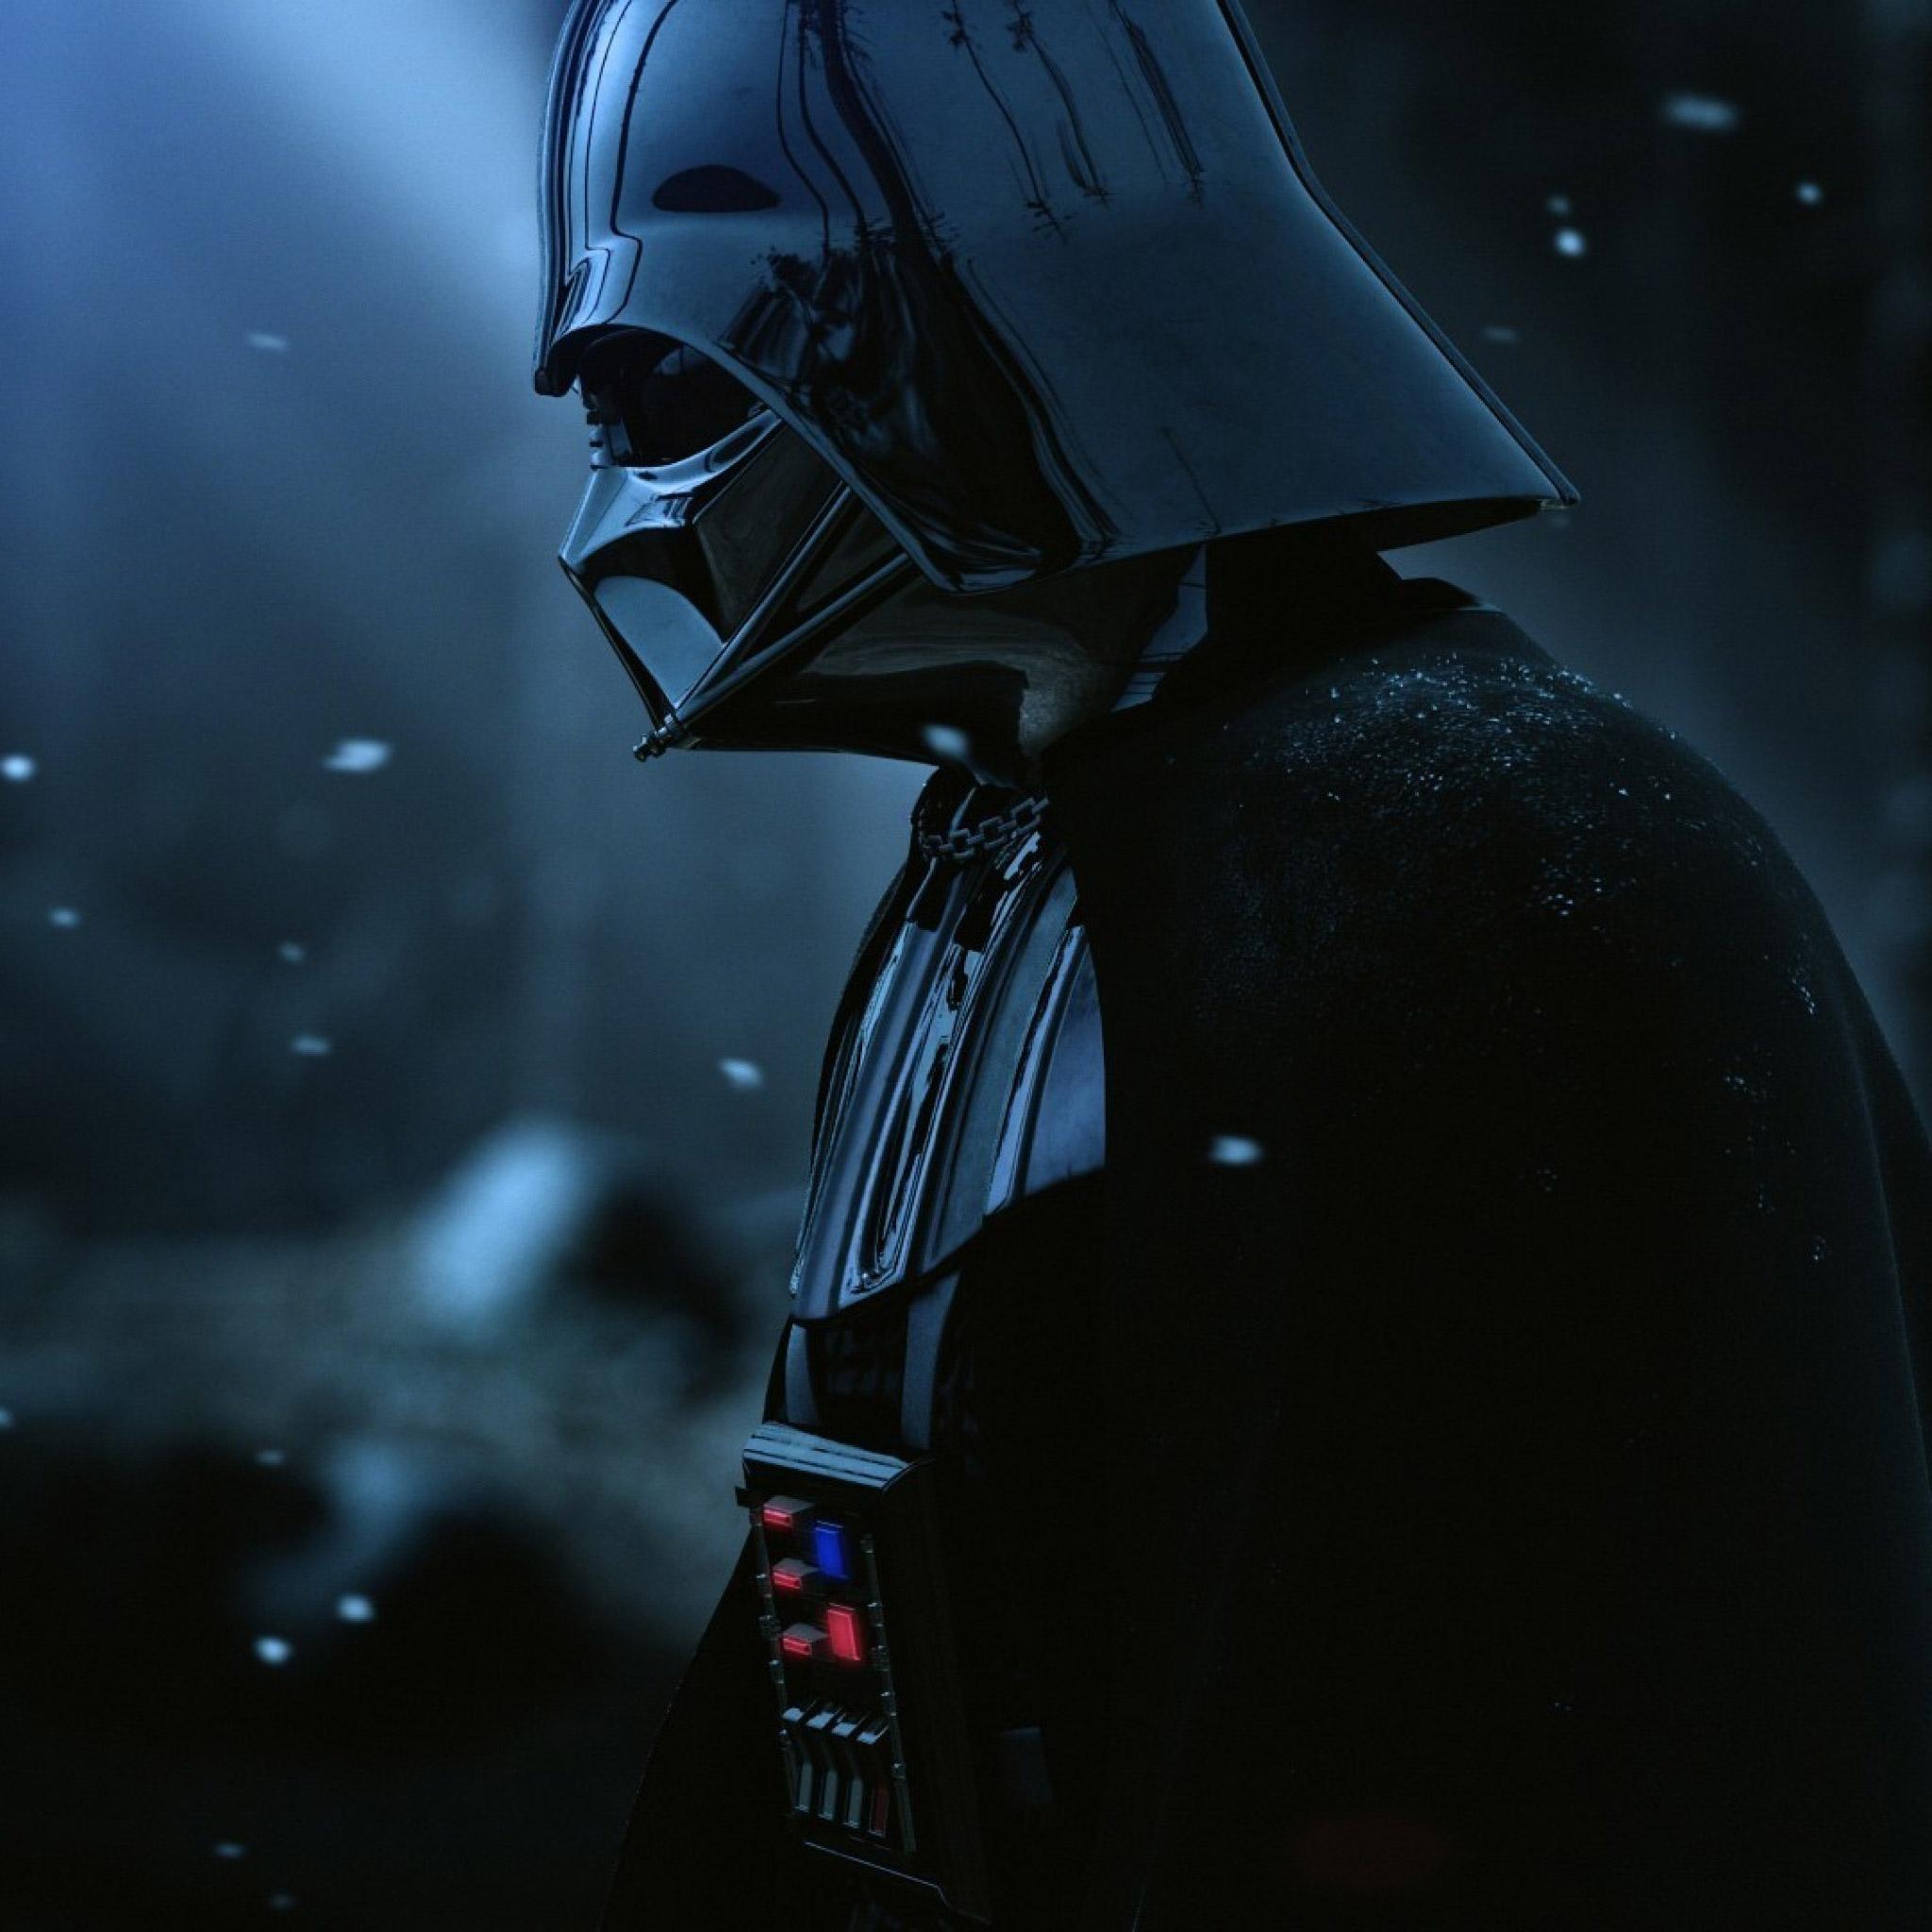 Darth-Vader-serious-iPad